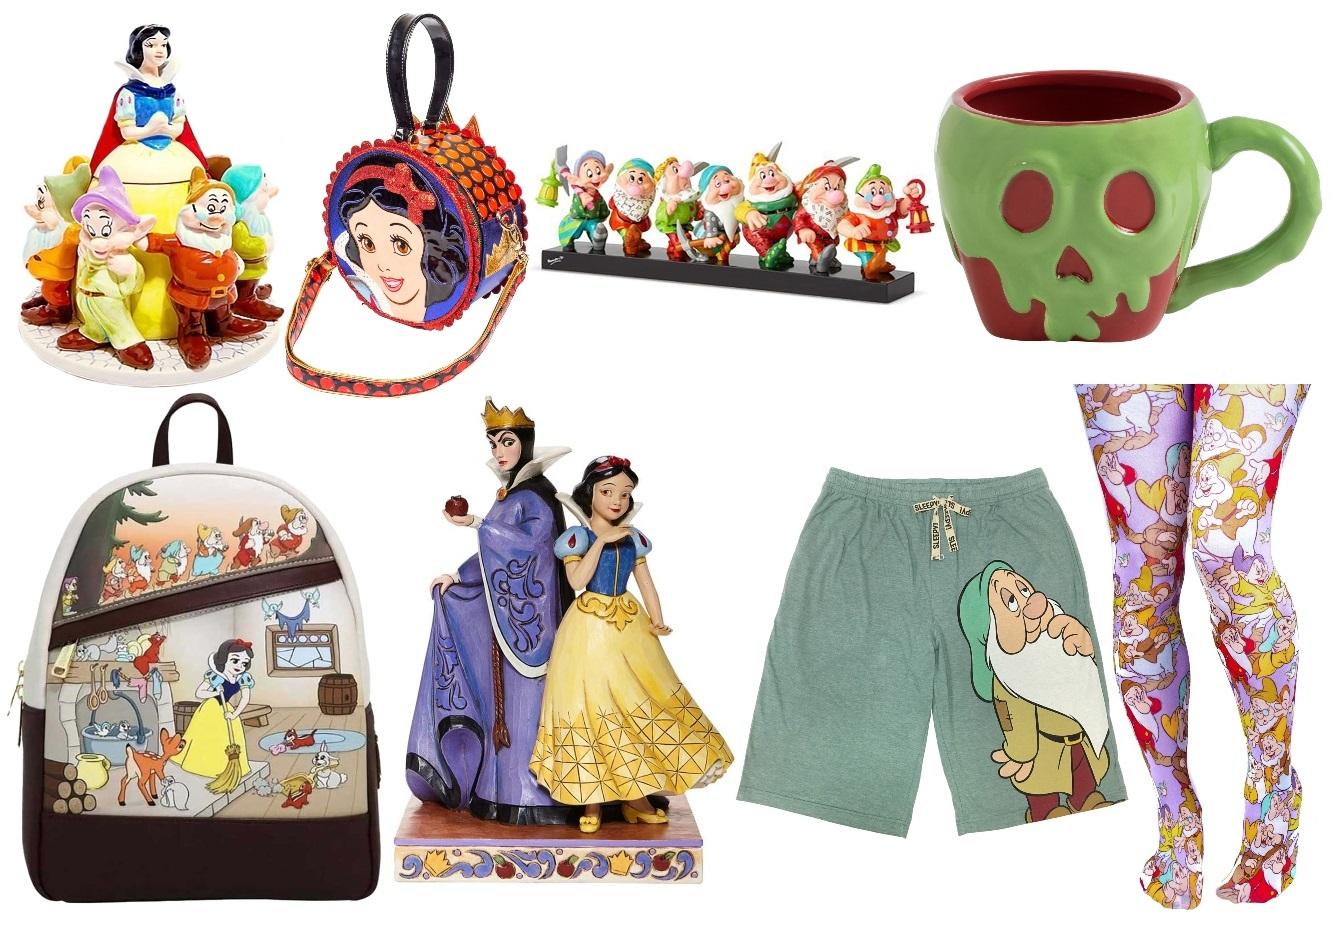 Snow White Gift Ideas